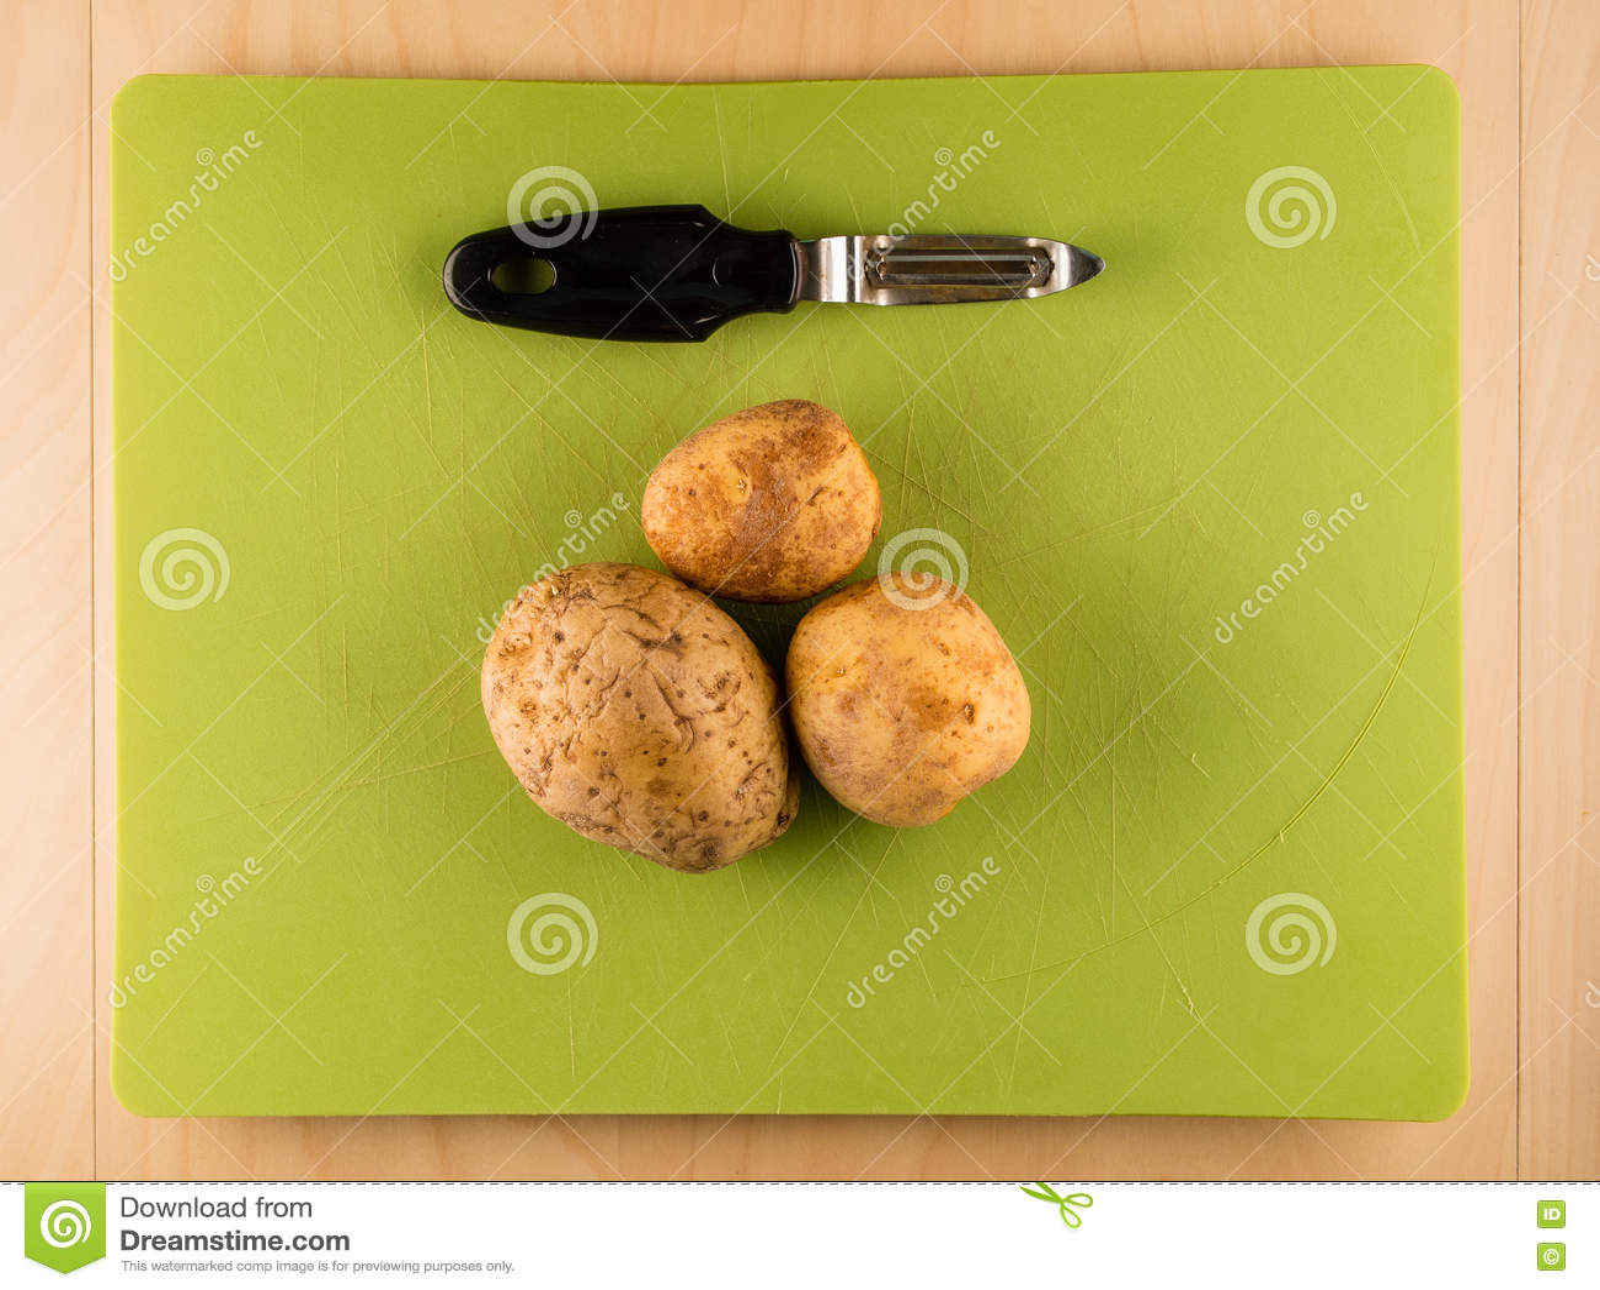 三台土豆和削皮器在绿色塑料委员会